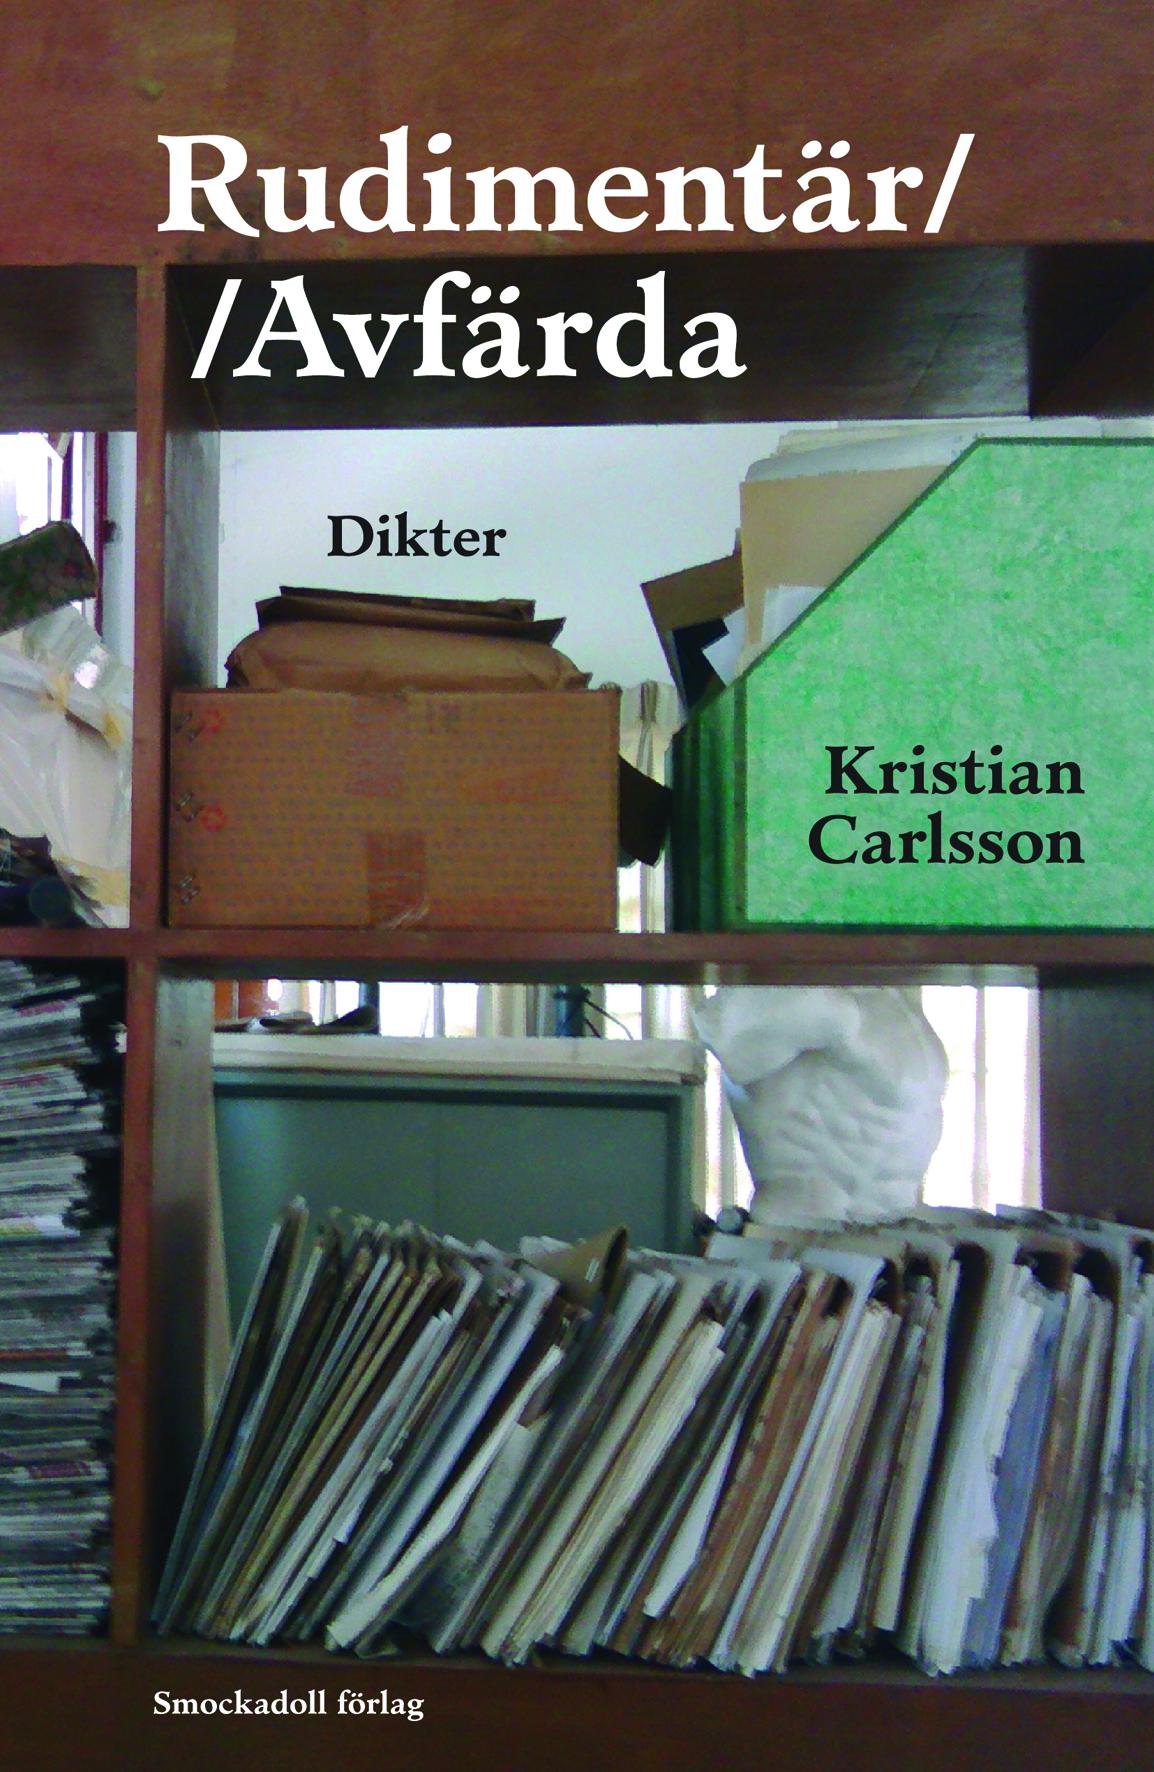 Rudimentär//Avfärda av Kristian Carlsson